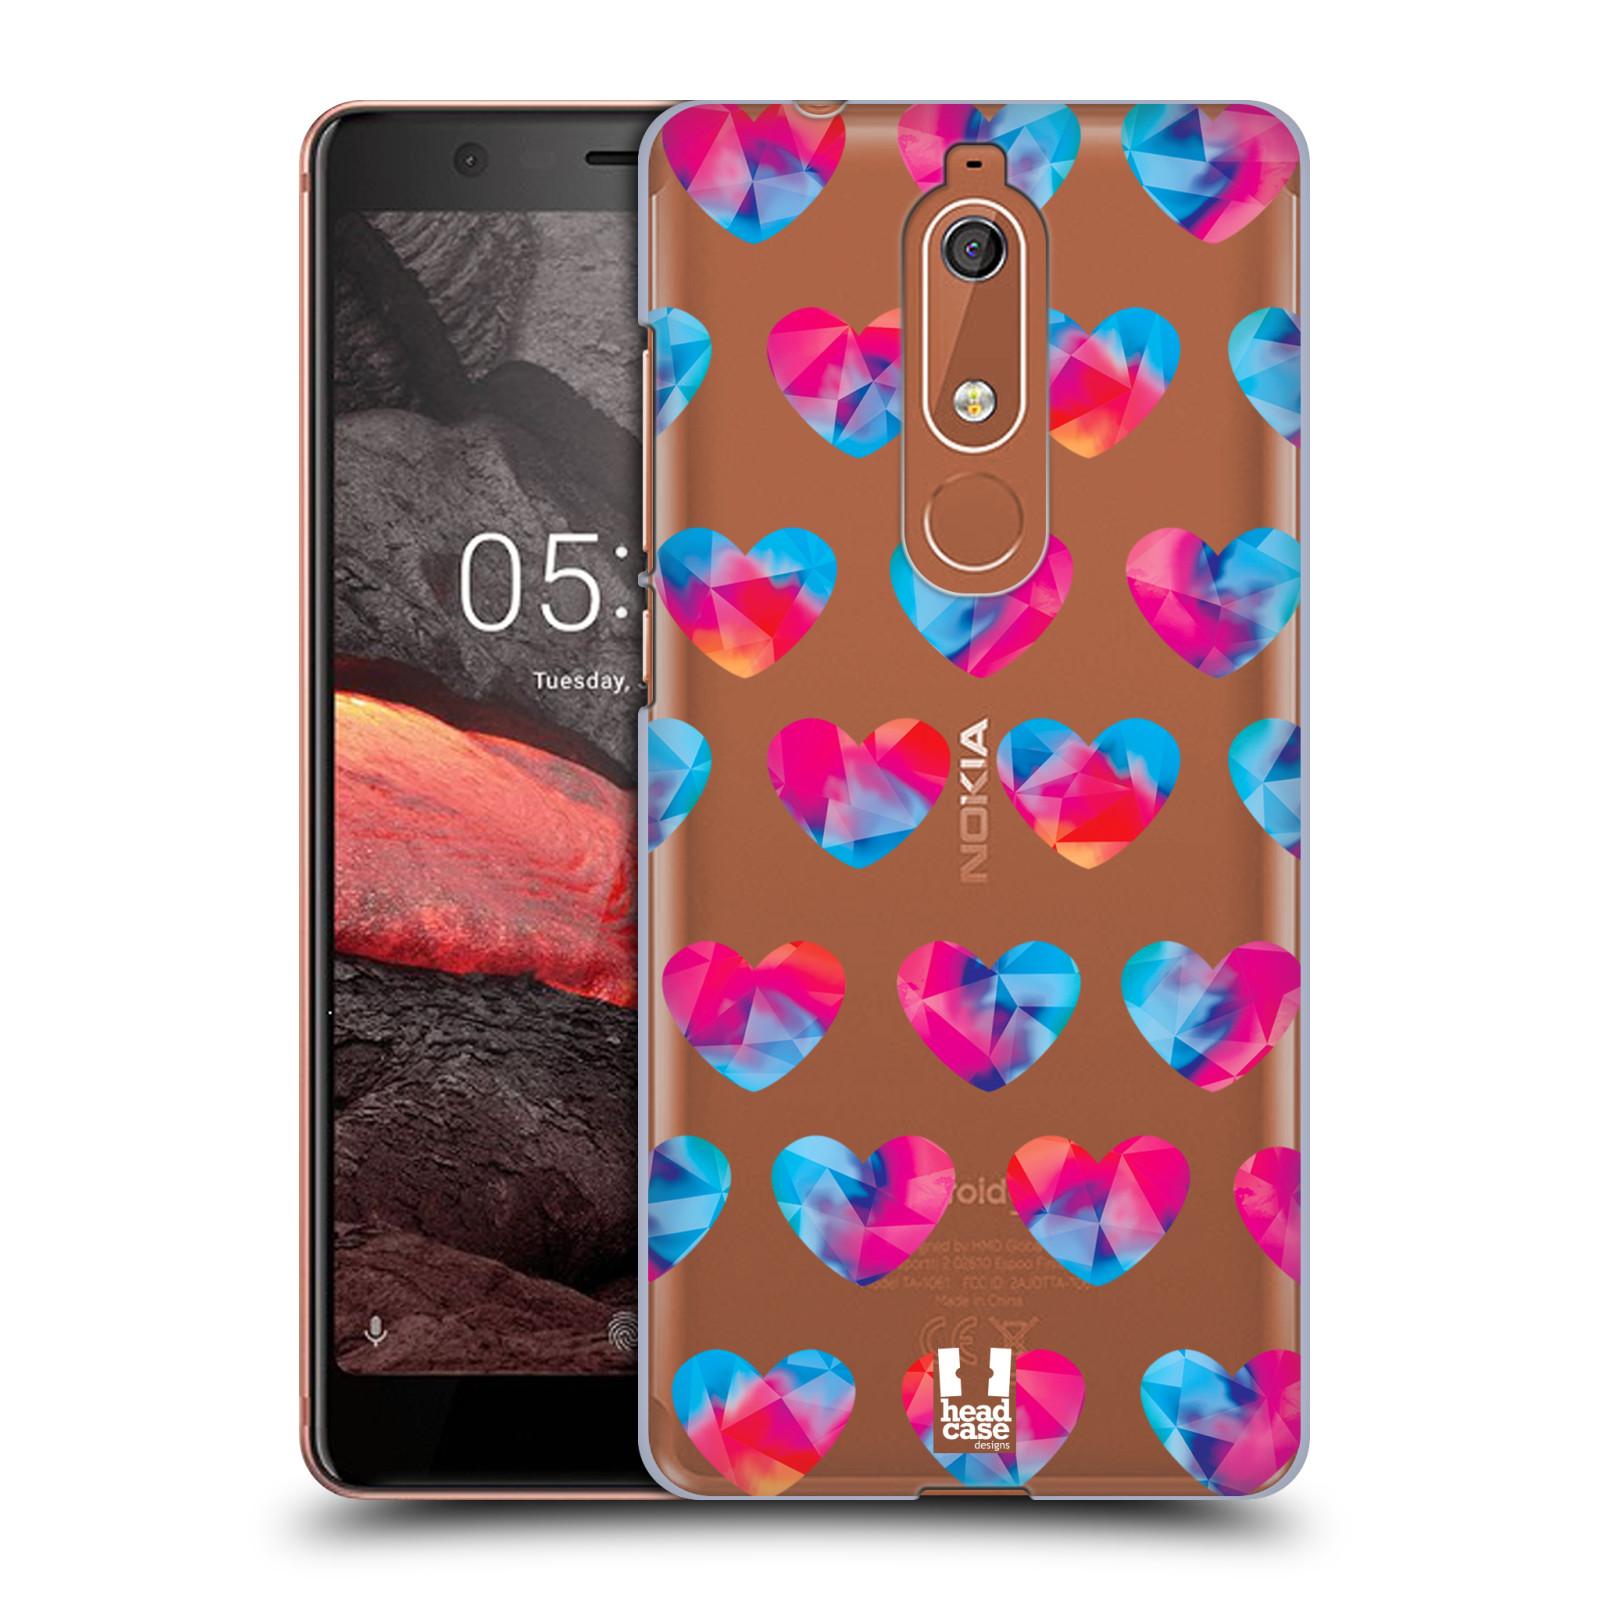 Plastové pouzdro na mobil Nokia 5.1 - Head Case - Srdíčka hrající barvami